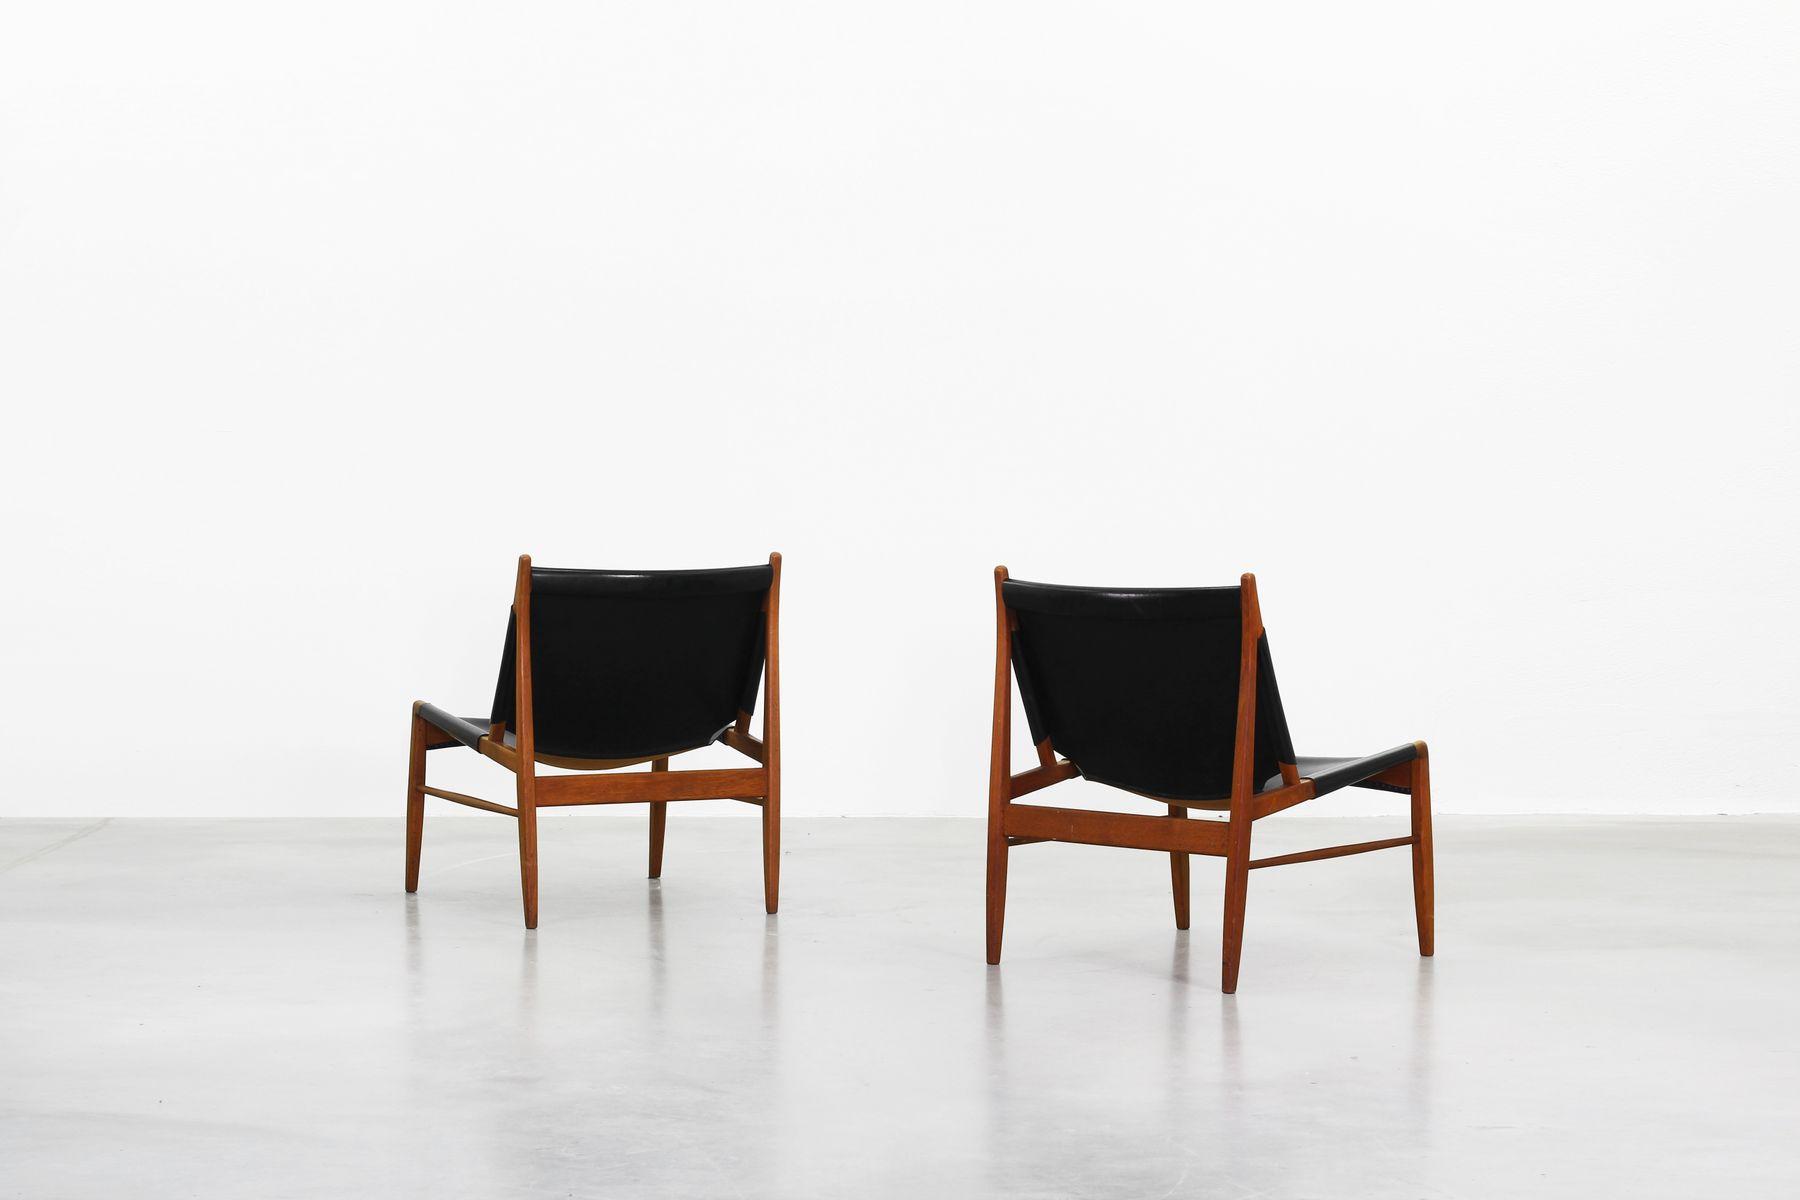 st hle mit ledersitzen von franz xaver lutz f r wk m bel 1958 2er set bei pamono kaufen. Black Bedroom Furniture Sets. Home Design Ideas